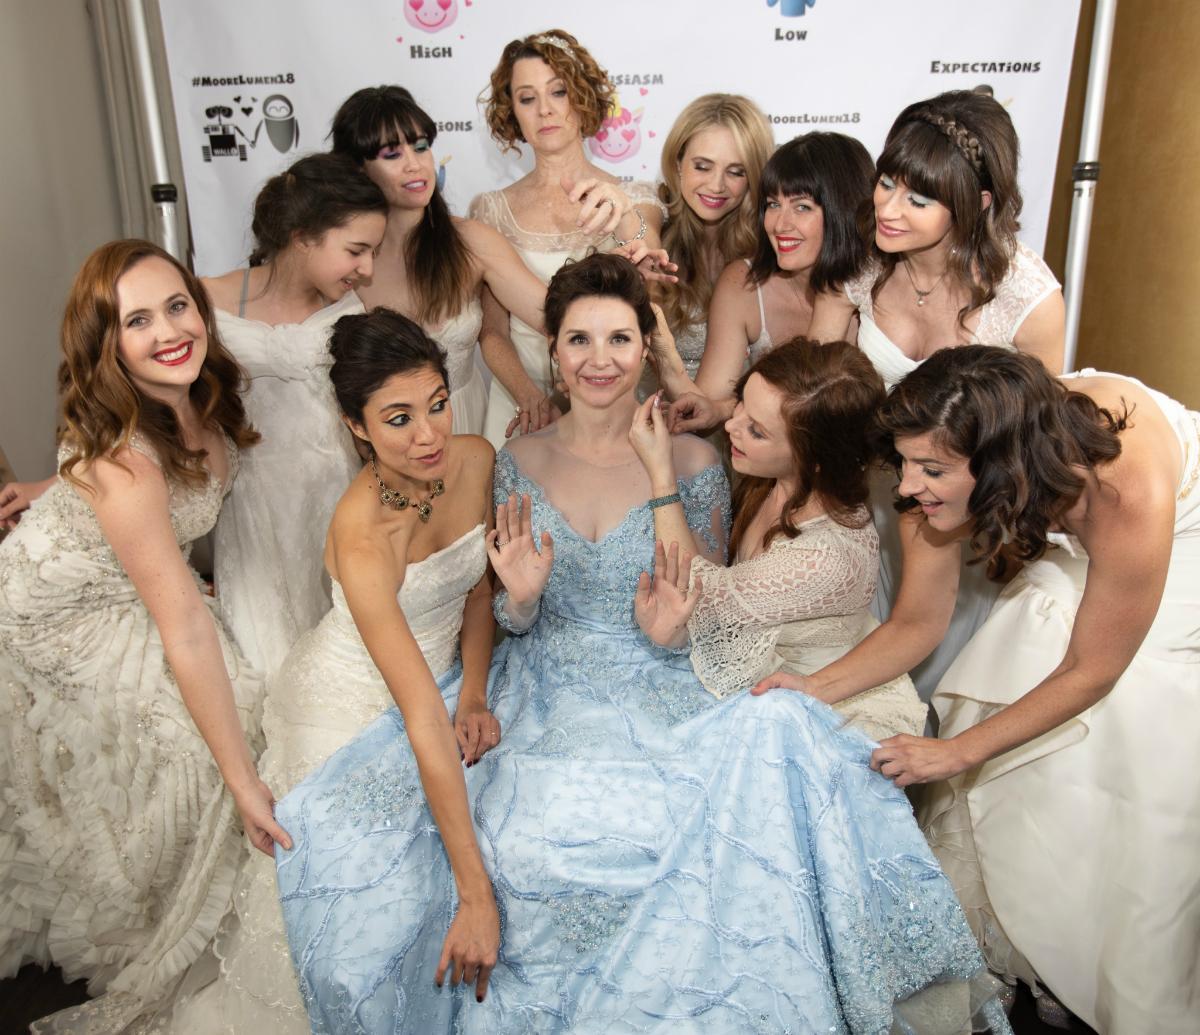 casamento vestido madrinhas 2